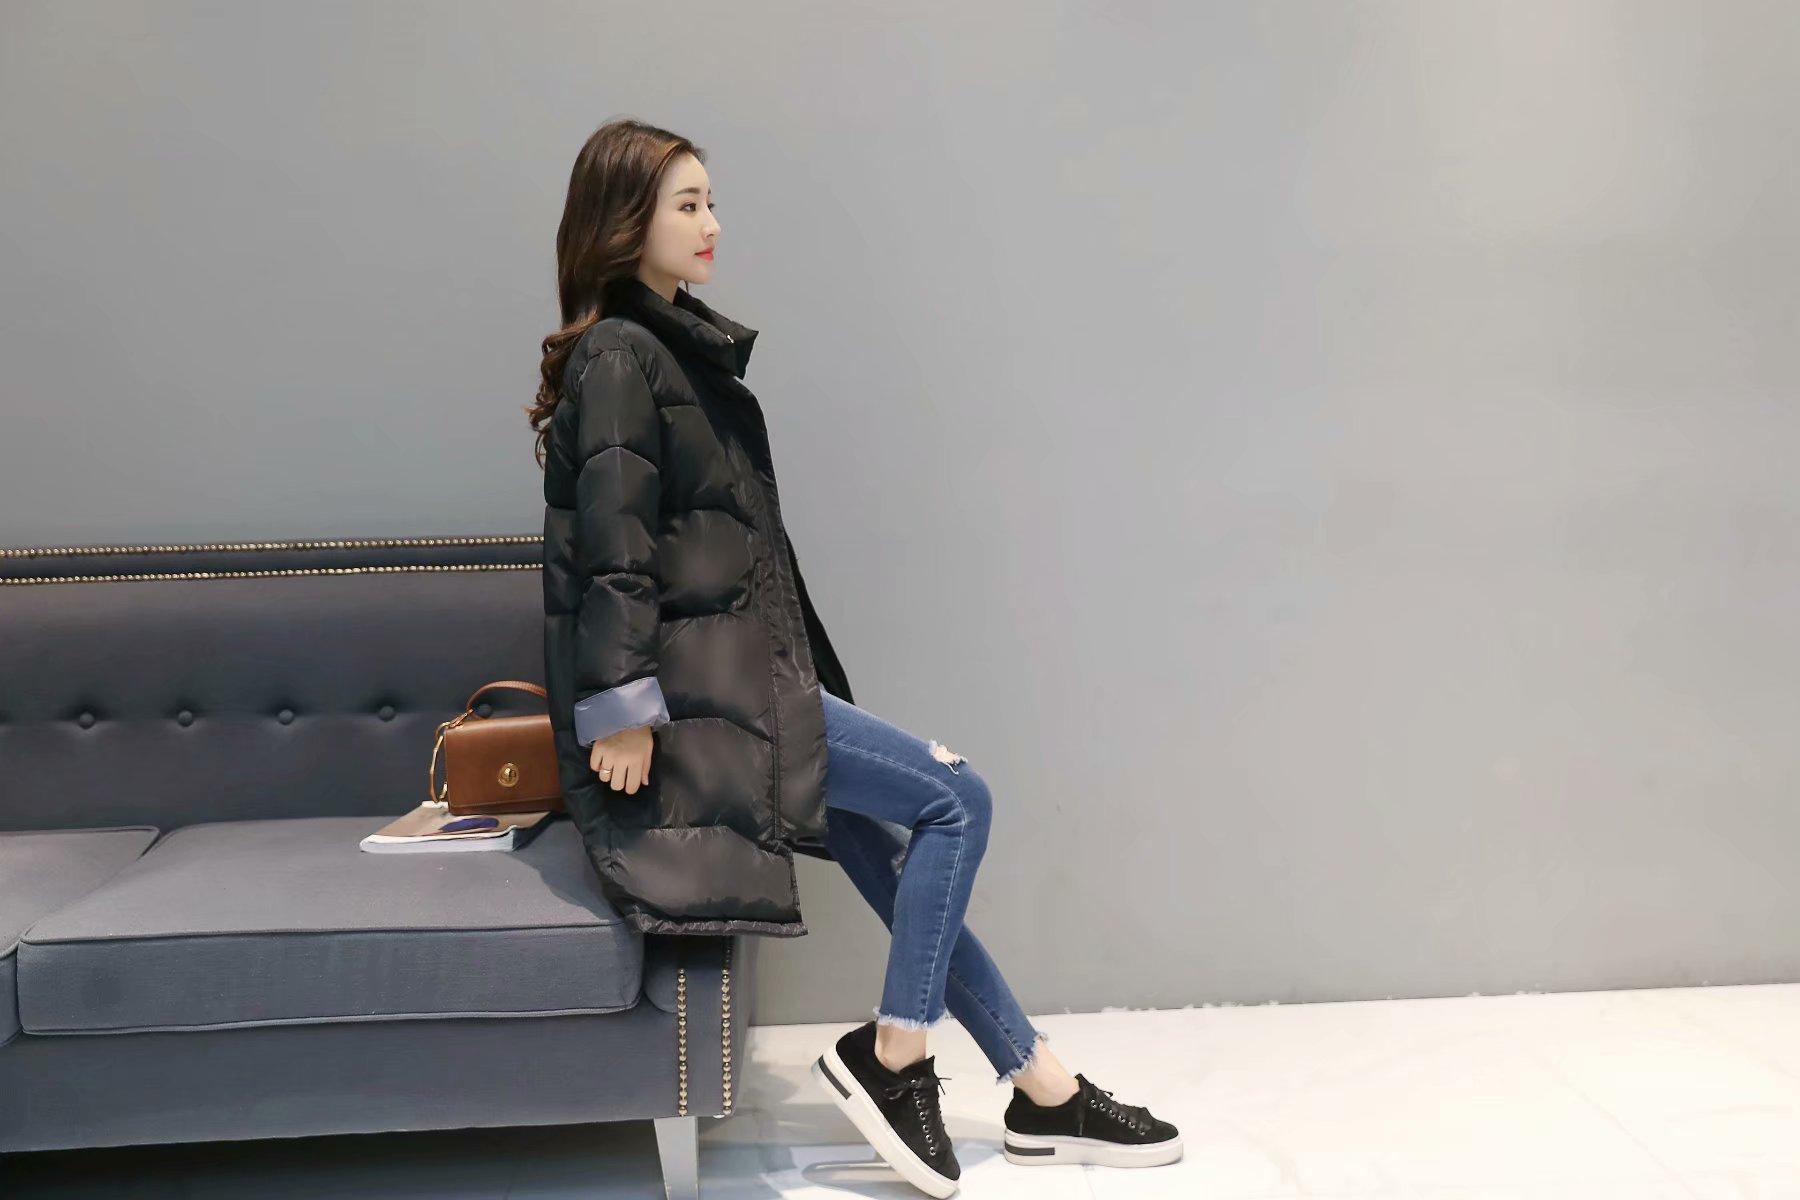 Chống mùa giải phóng mặt bằng mùa đông áo khoác lỏng bf dài bông phù hợp với phụ nữ dày bông áo sinh viên áo khoác Bông